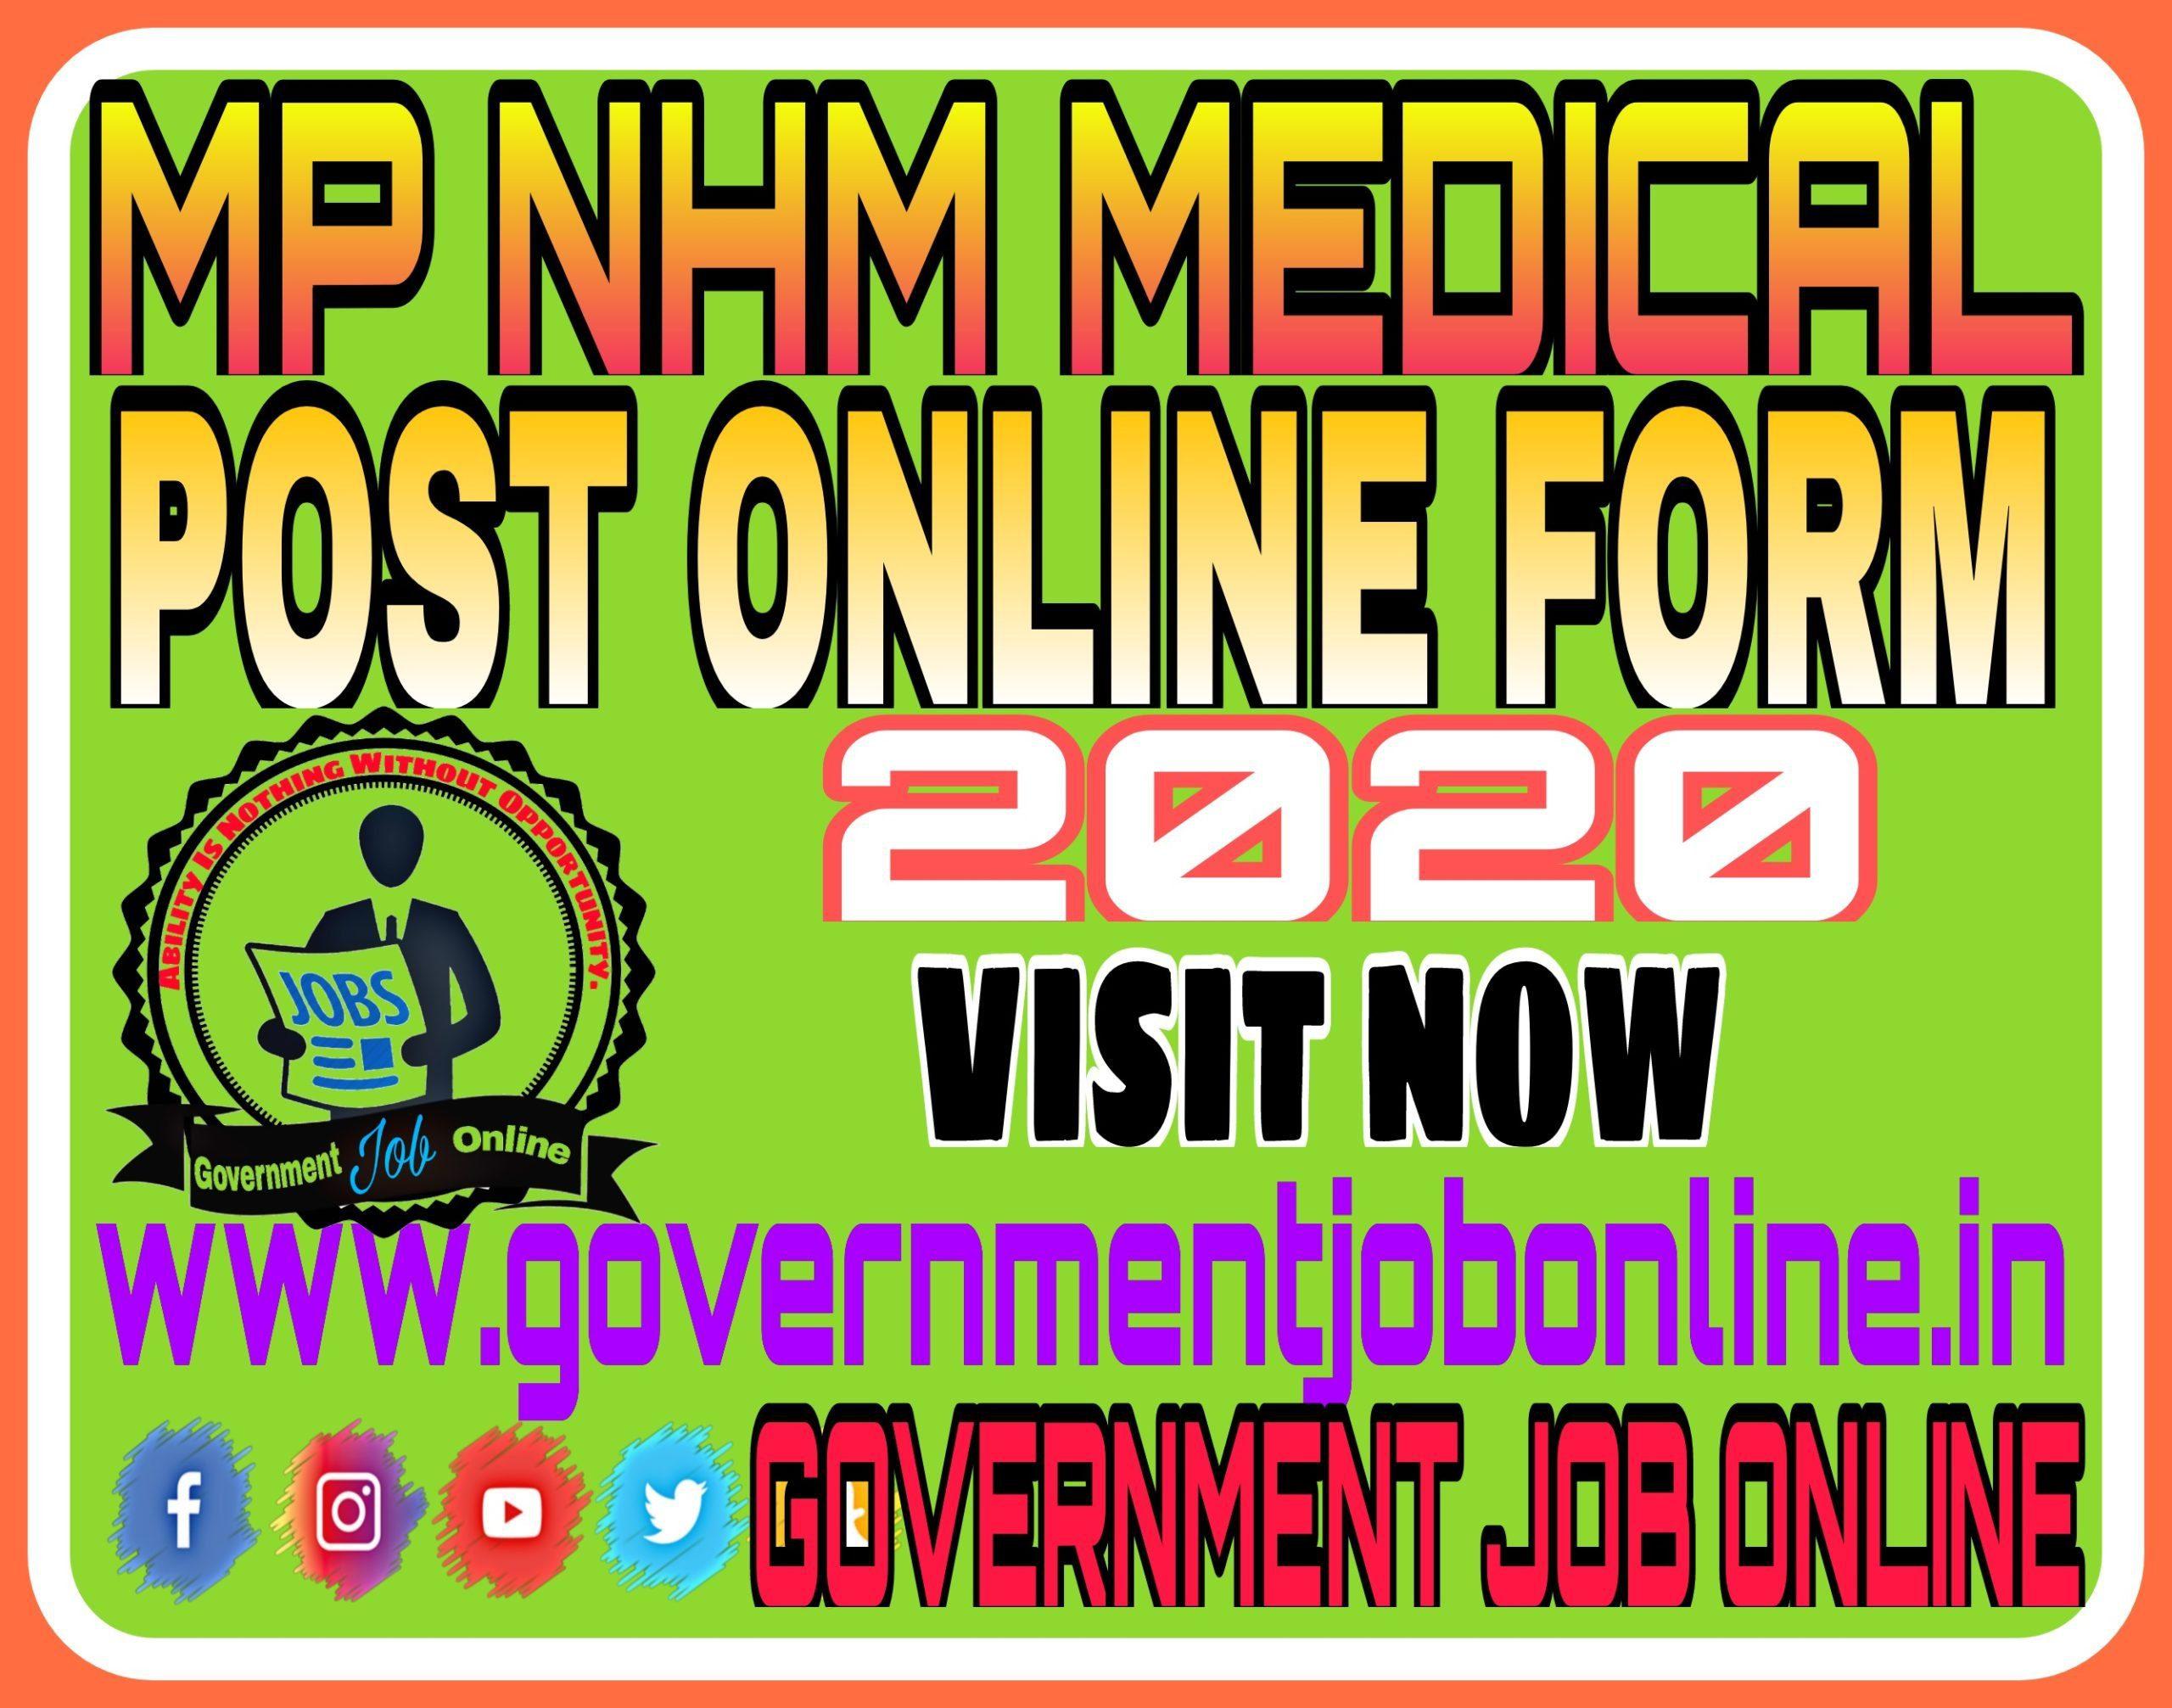 MP NHM Medical Post Online Form 2020